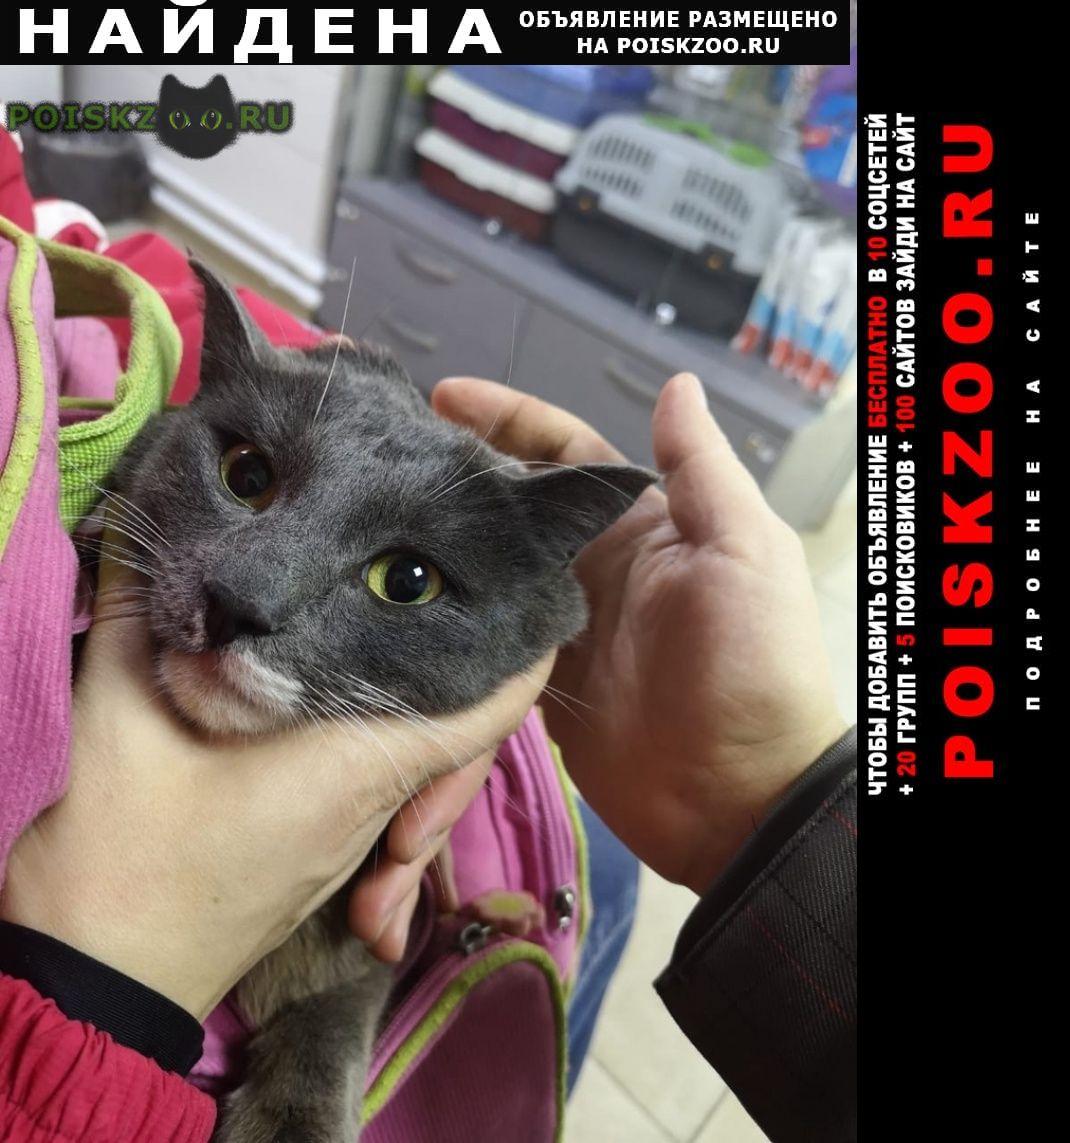 Найден кот в районе досов Хабаровск